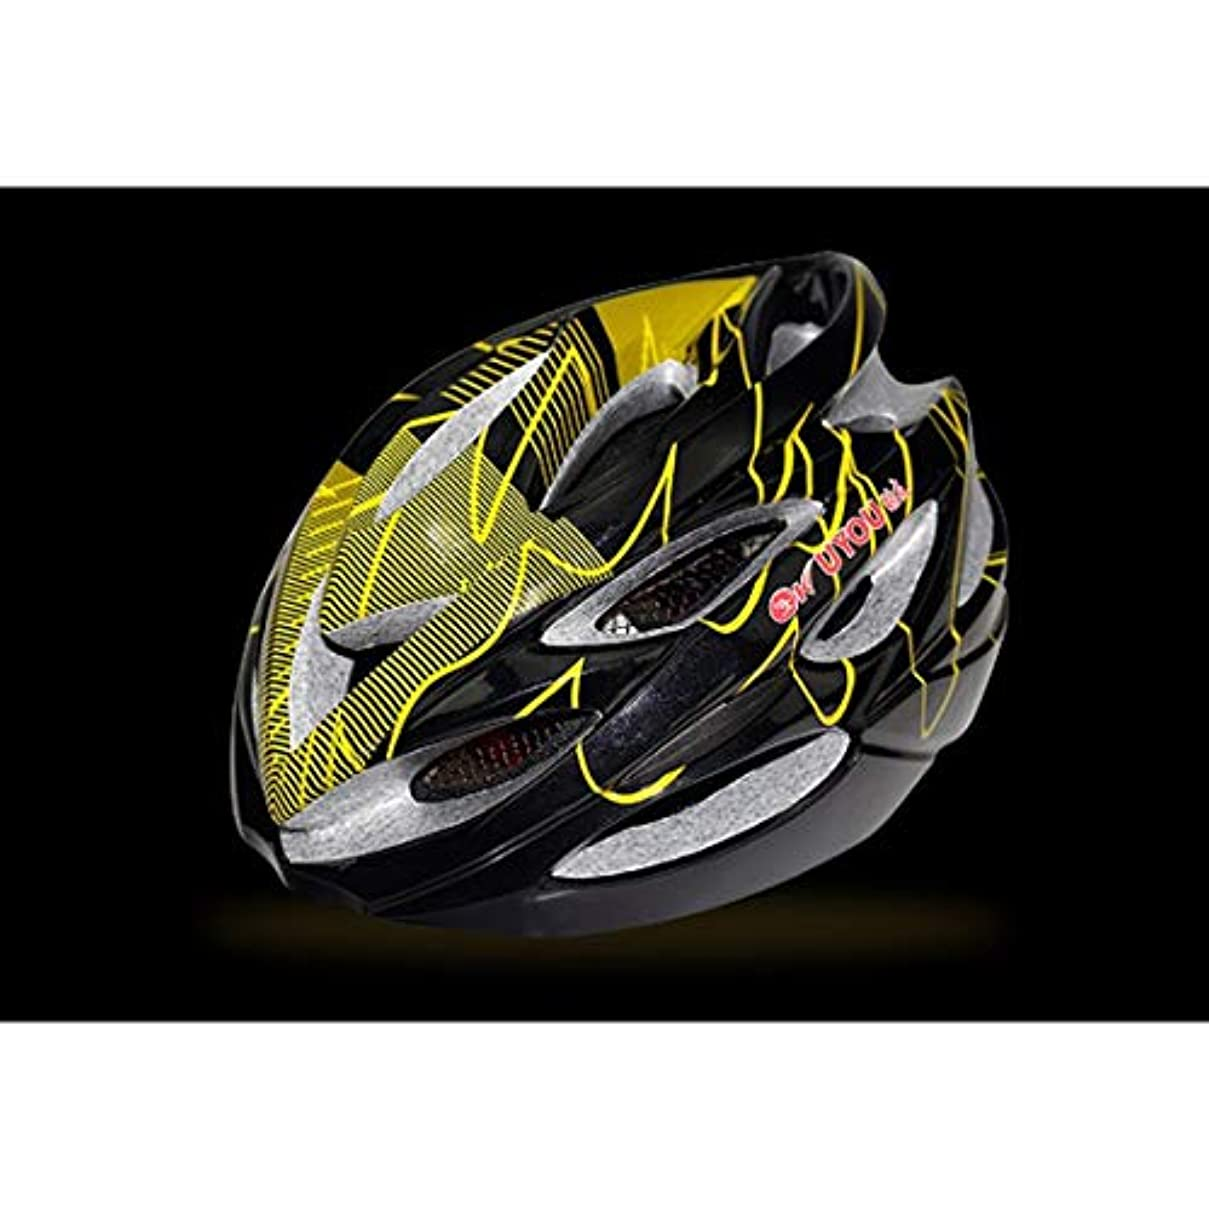 トラフコミュニティ億CAFUTY 自転車用ヘルメット、屋外用サイクリング愛好家に最適な自転車用安全ヘルメット。 (Color : Yellow black)